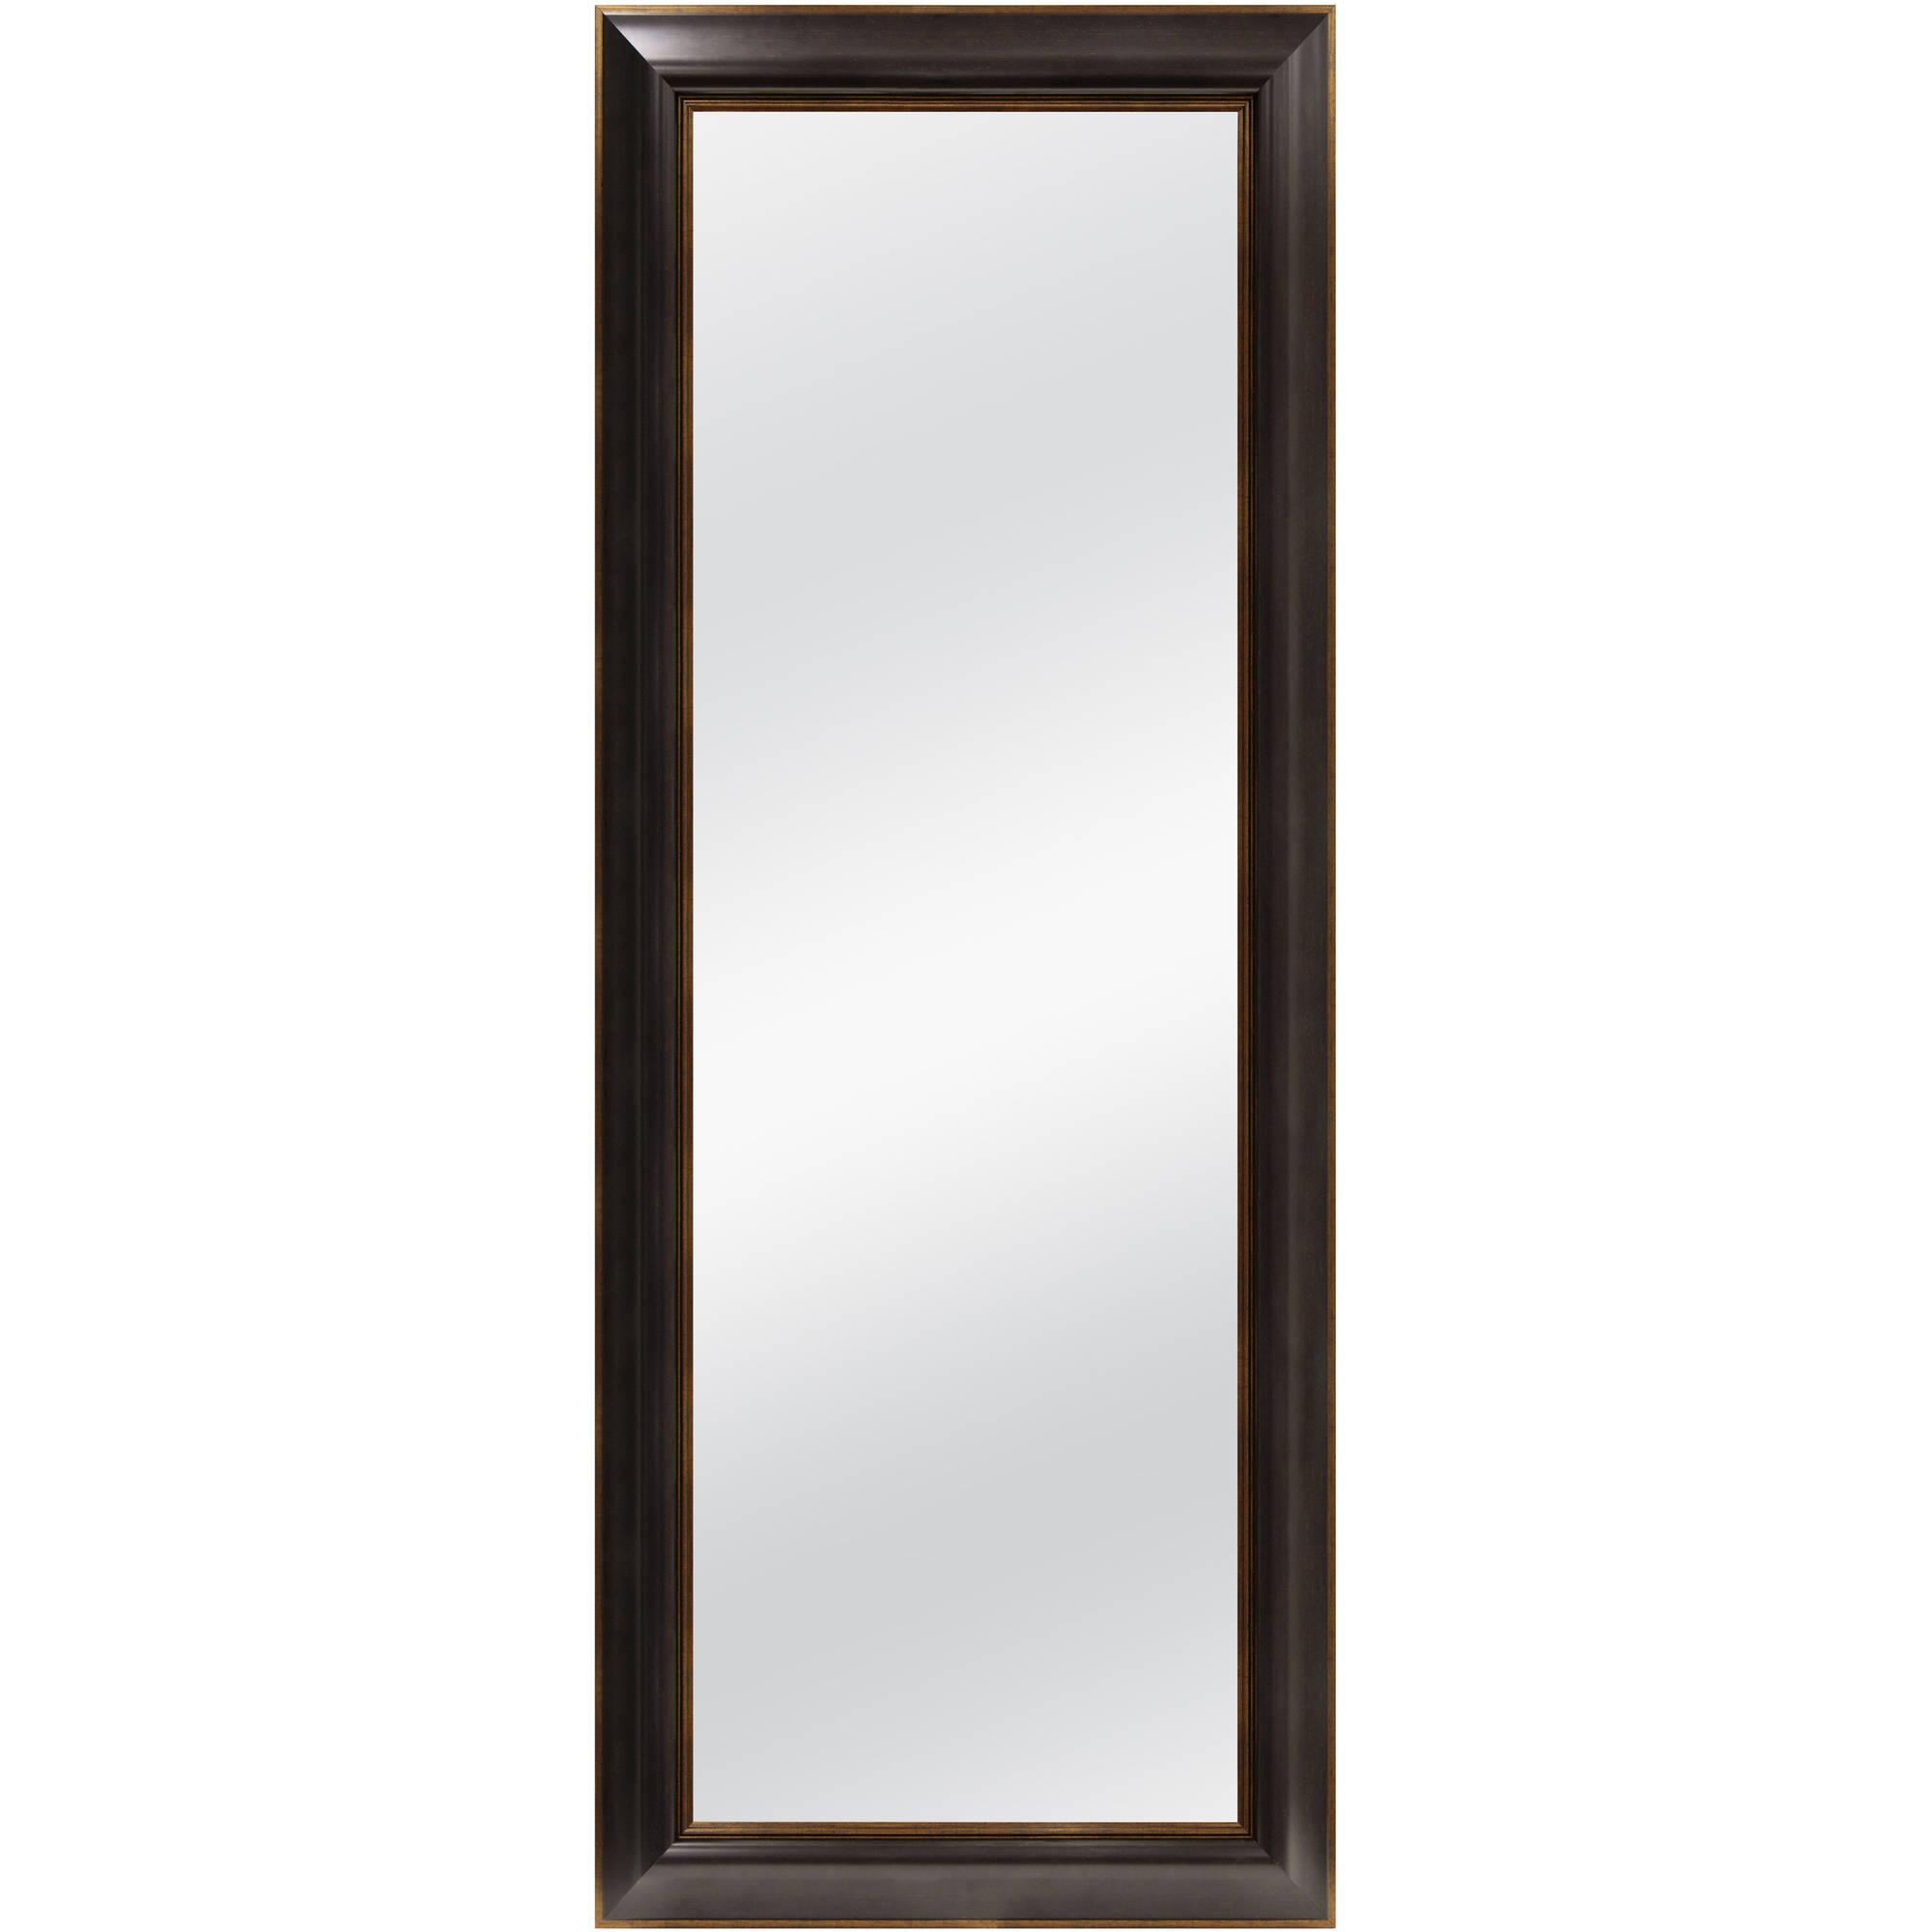 Better Homes & Gardens Bronze Full Length Floor Leaner Mirror - 27 X 70 inches